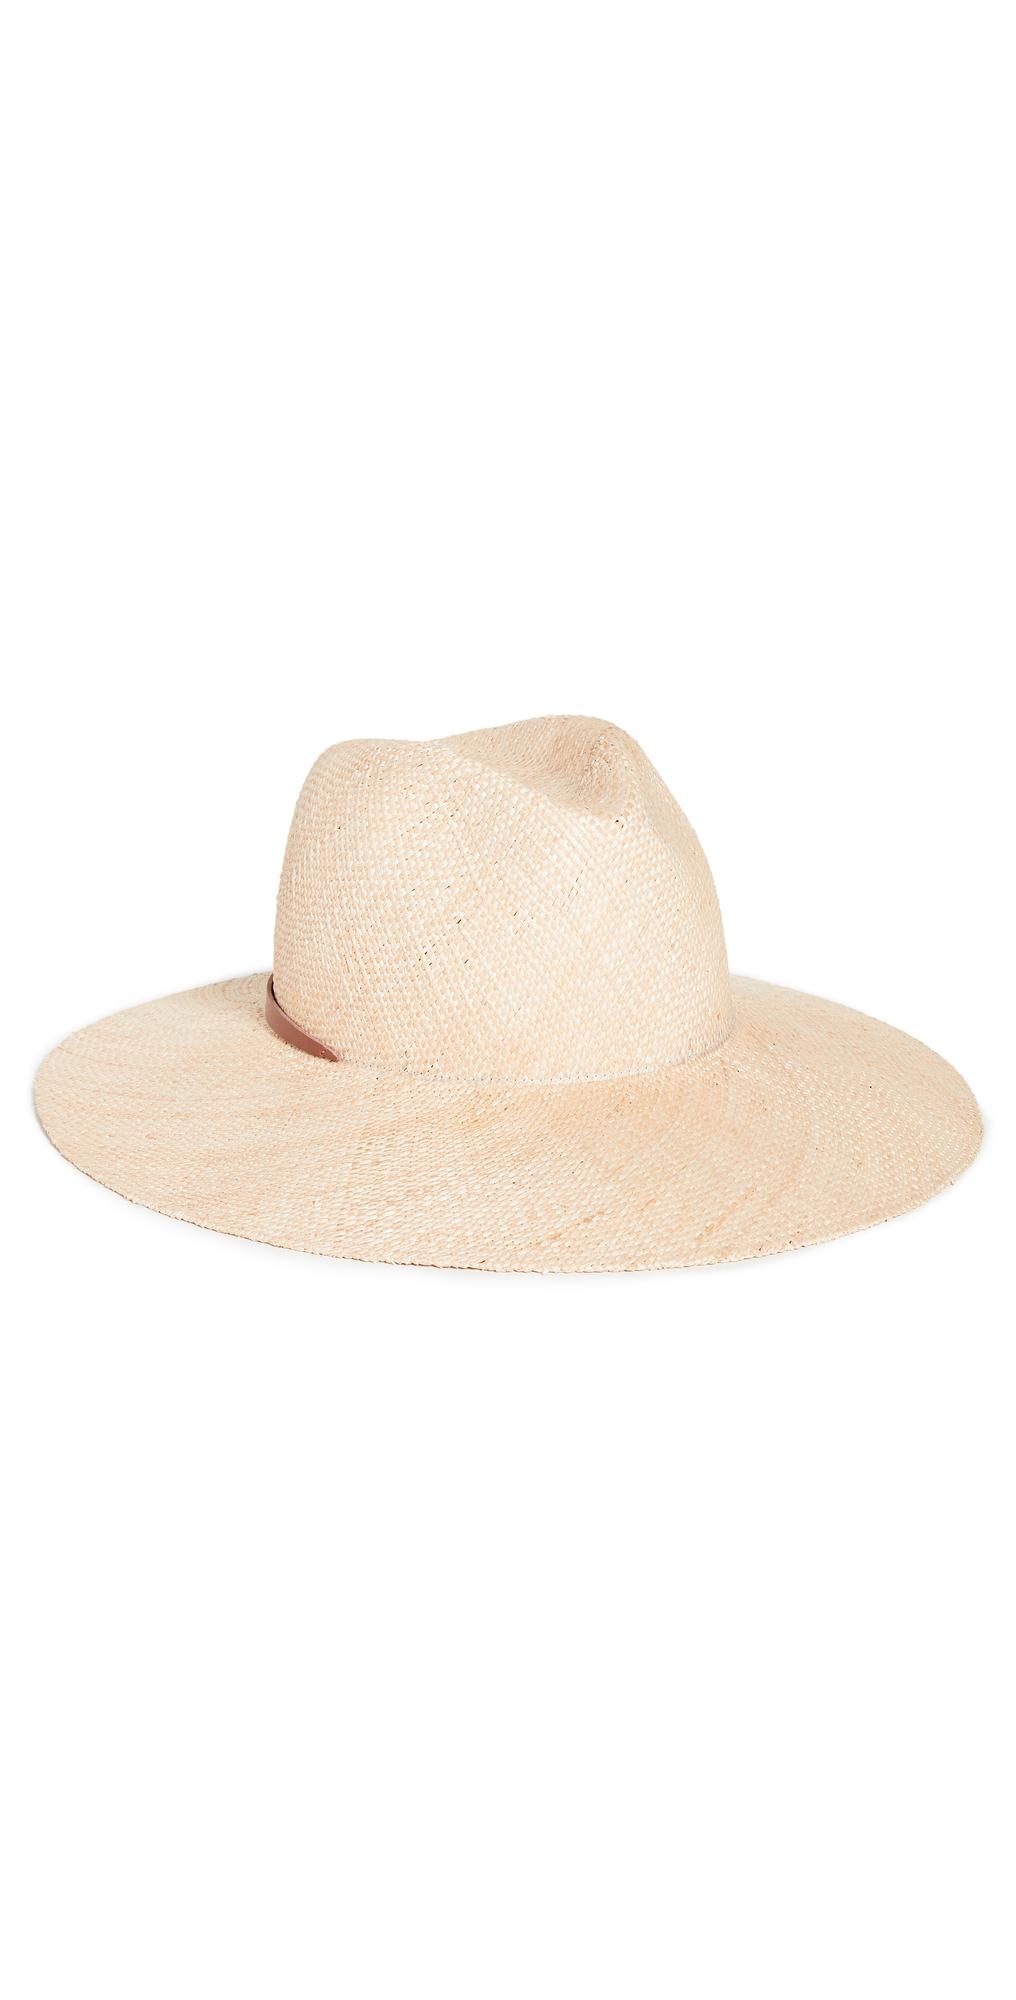 Bess Hat